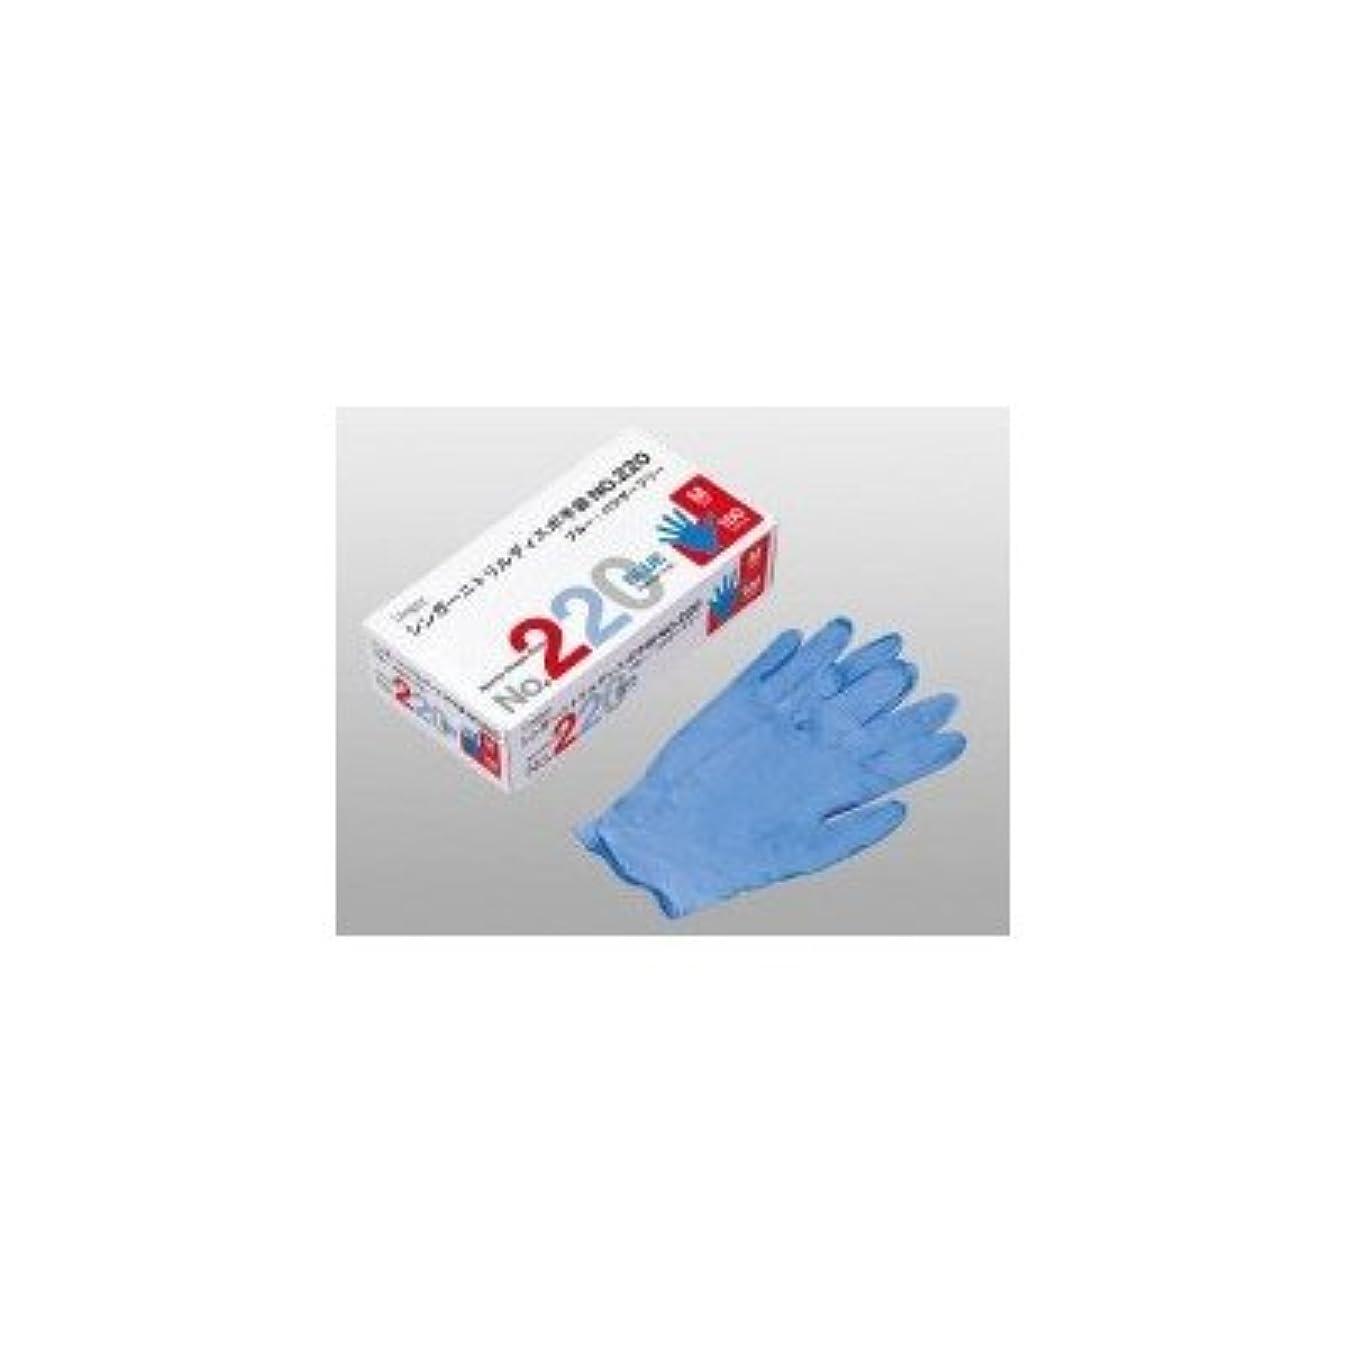 フルーツ野菜ポンプ端シンガーニトリルディスポ手袋 No.220 ブルー パウダーフリー(100枚) M( 画像はイメージ画像です お届けの商品はMのみとなります)